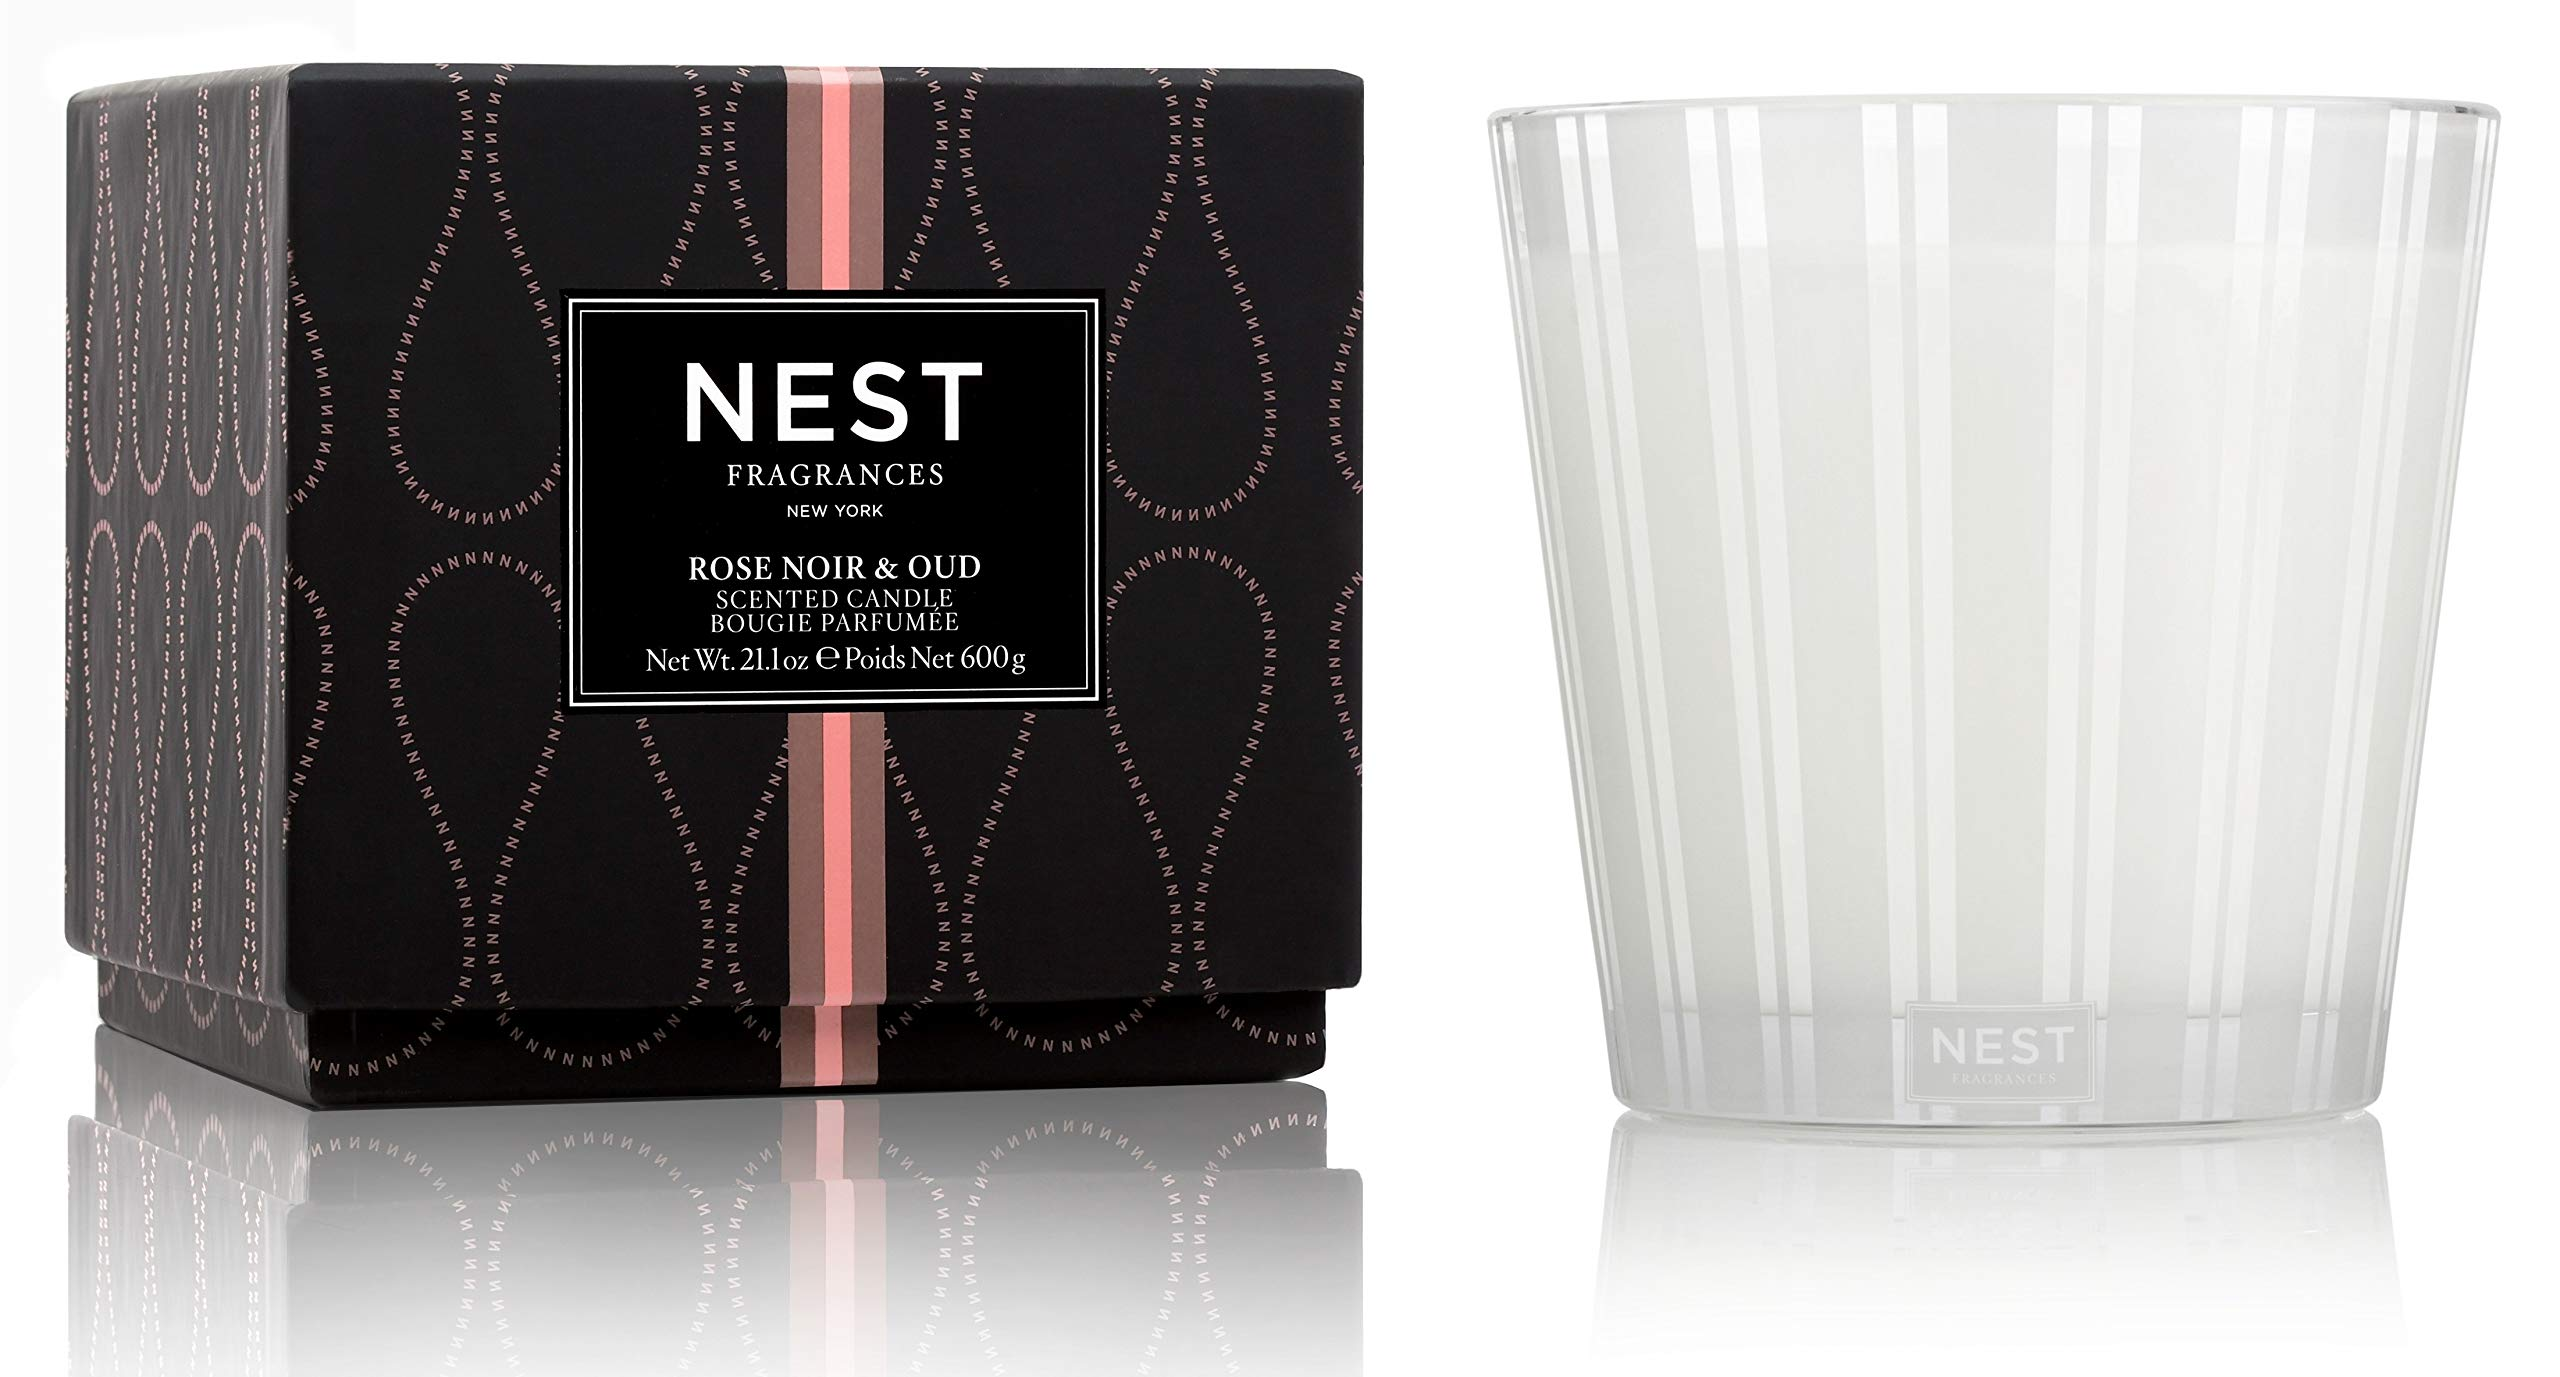 NEST Fragrances Rose Noir & Oud 3-Wick Candle